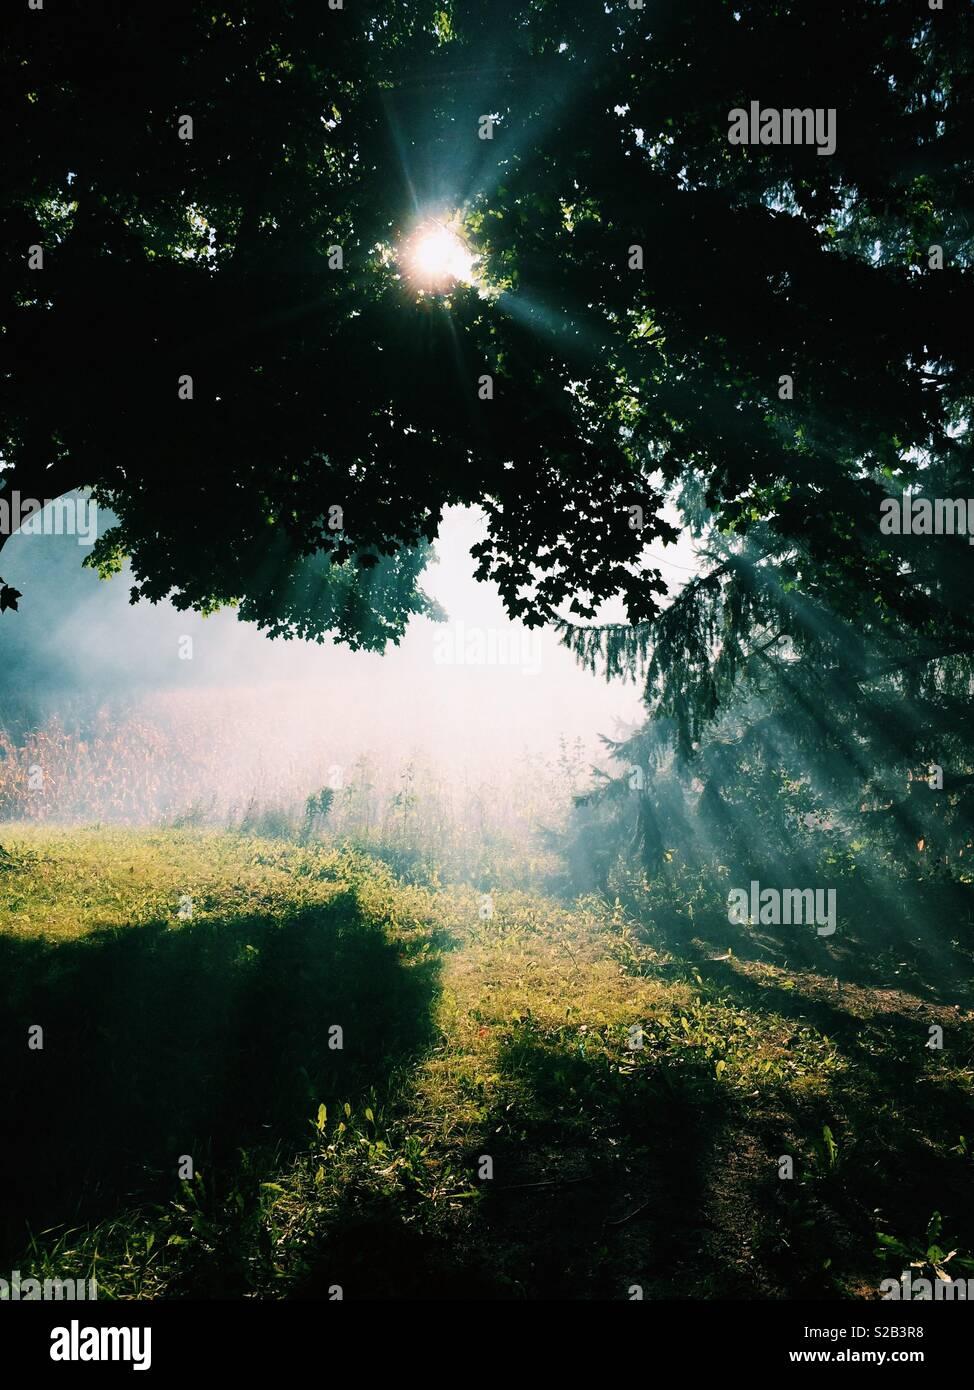 Sun flare thru Bäume in einer ländlichen Umgebung. Stockbild